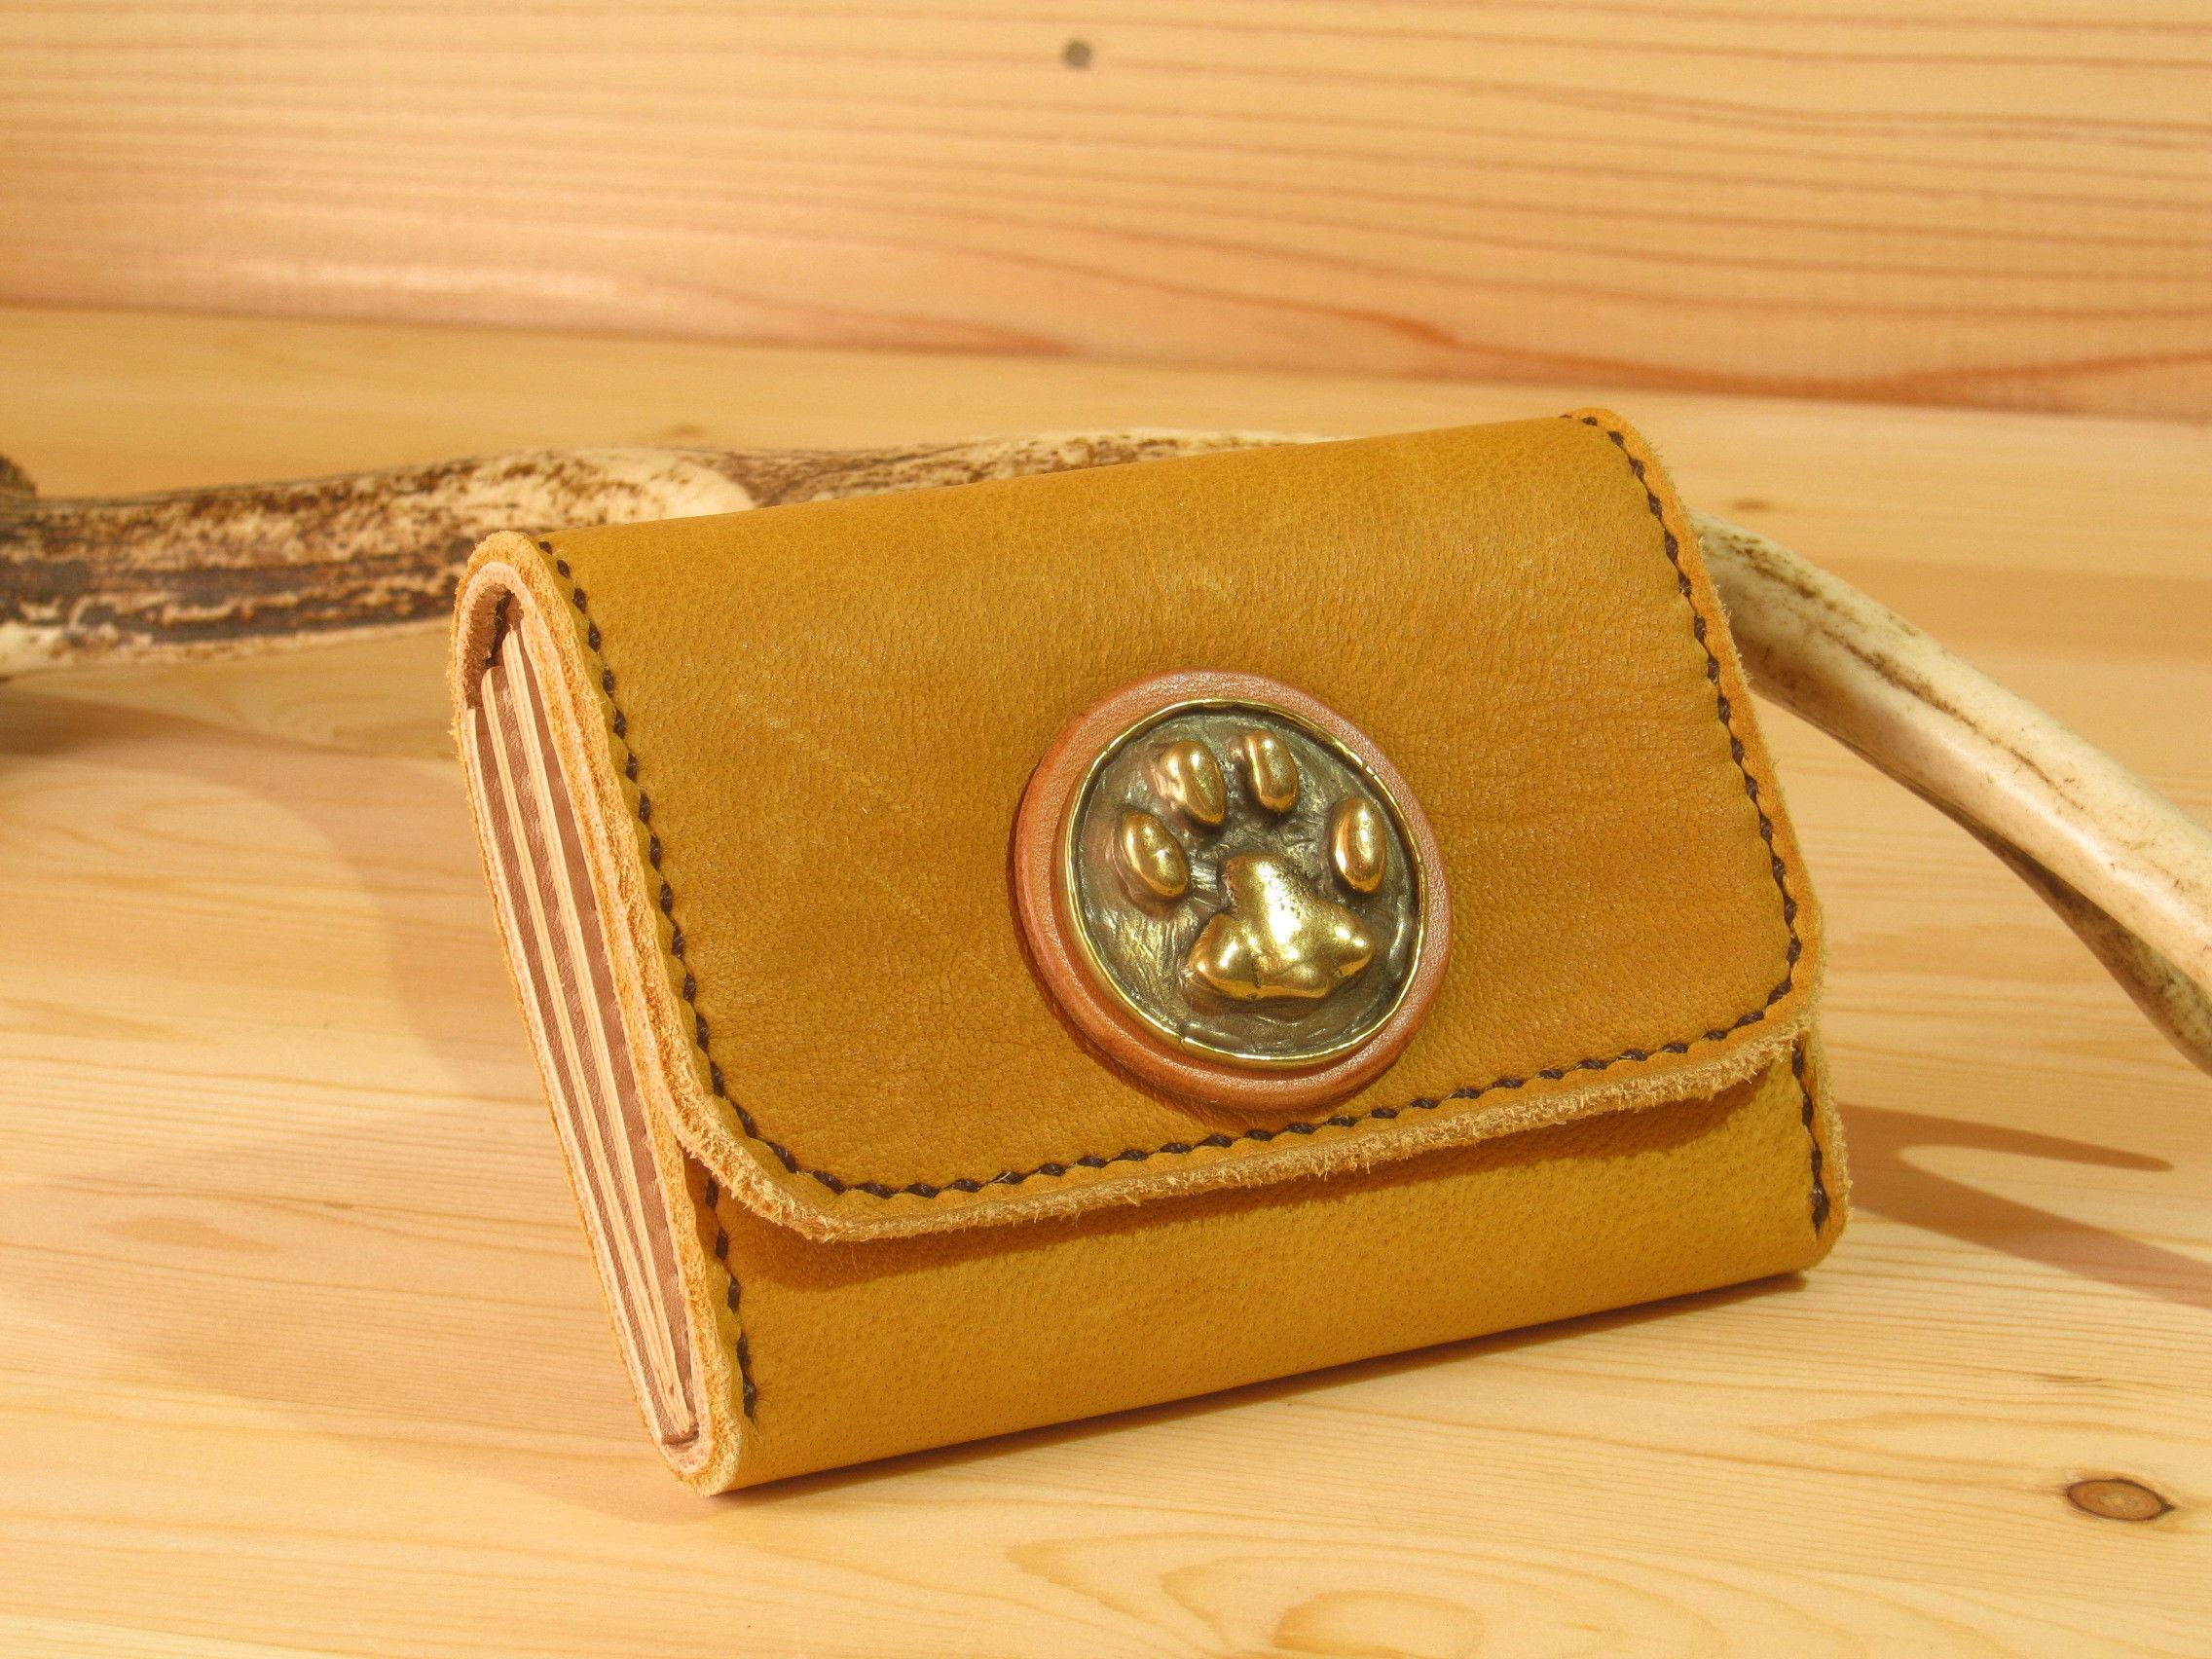 鹿とネコのコラボなコロコロ財布